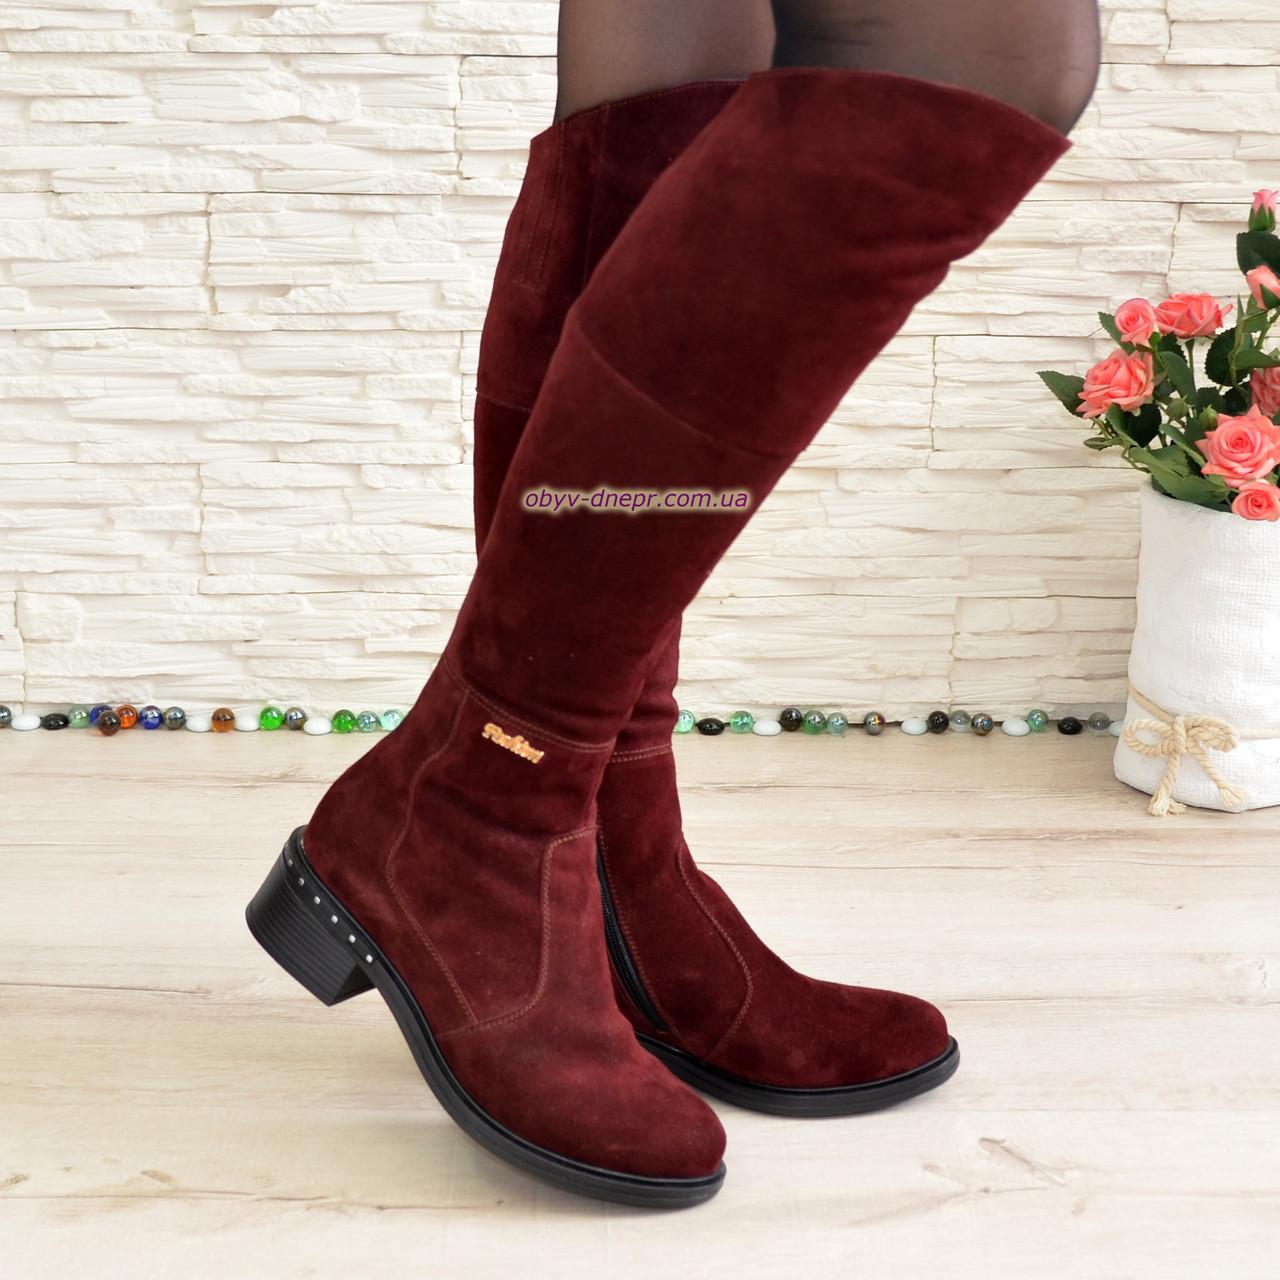 Женские зимние замшевые ботфорты на невысоком каблуке, цвет бордо